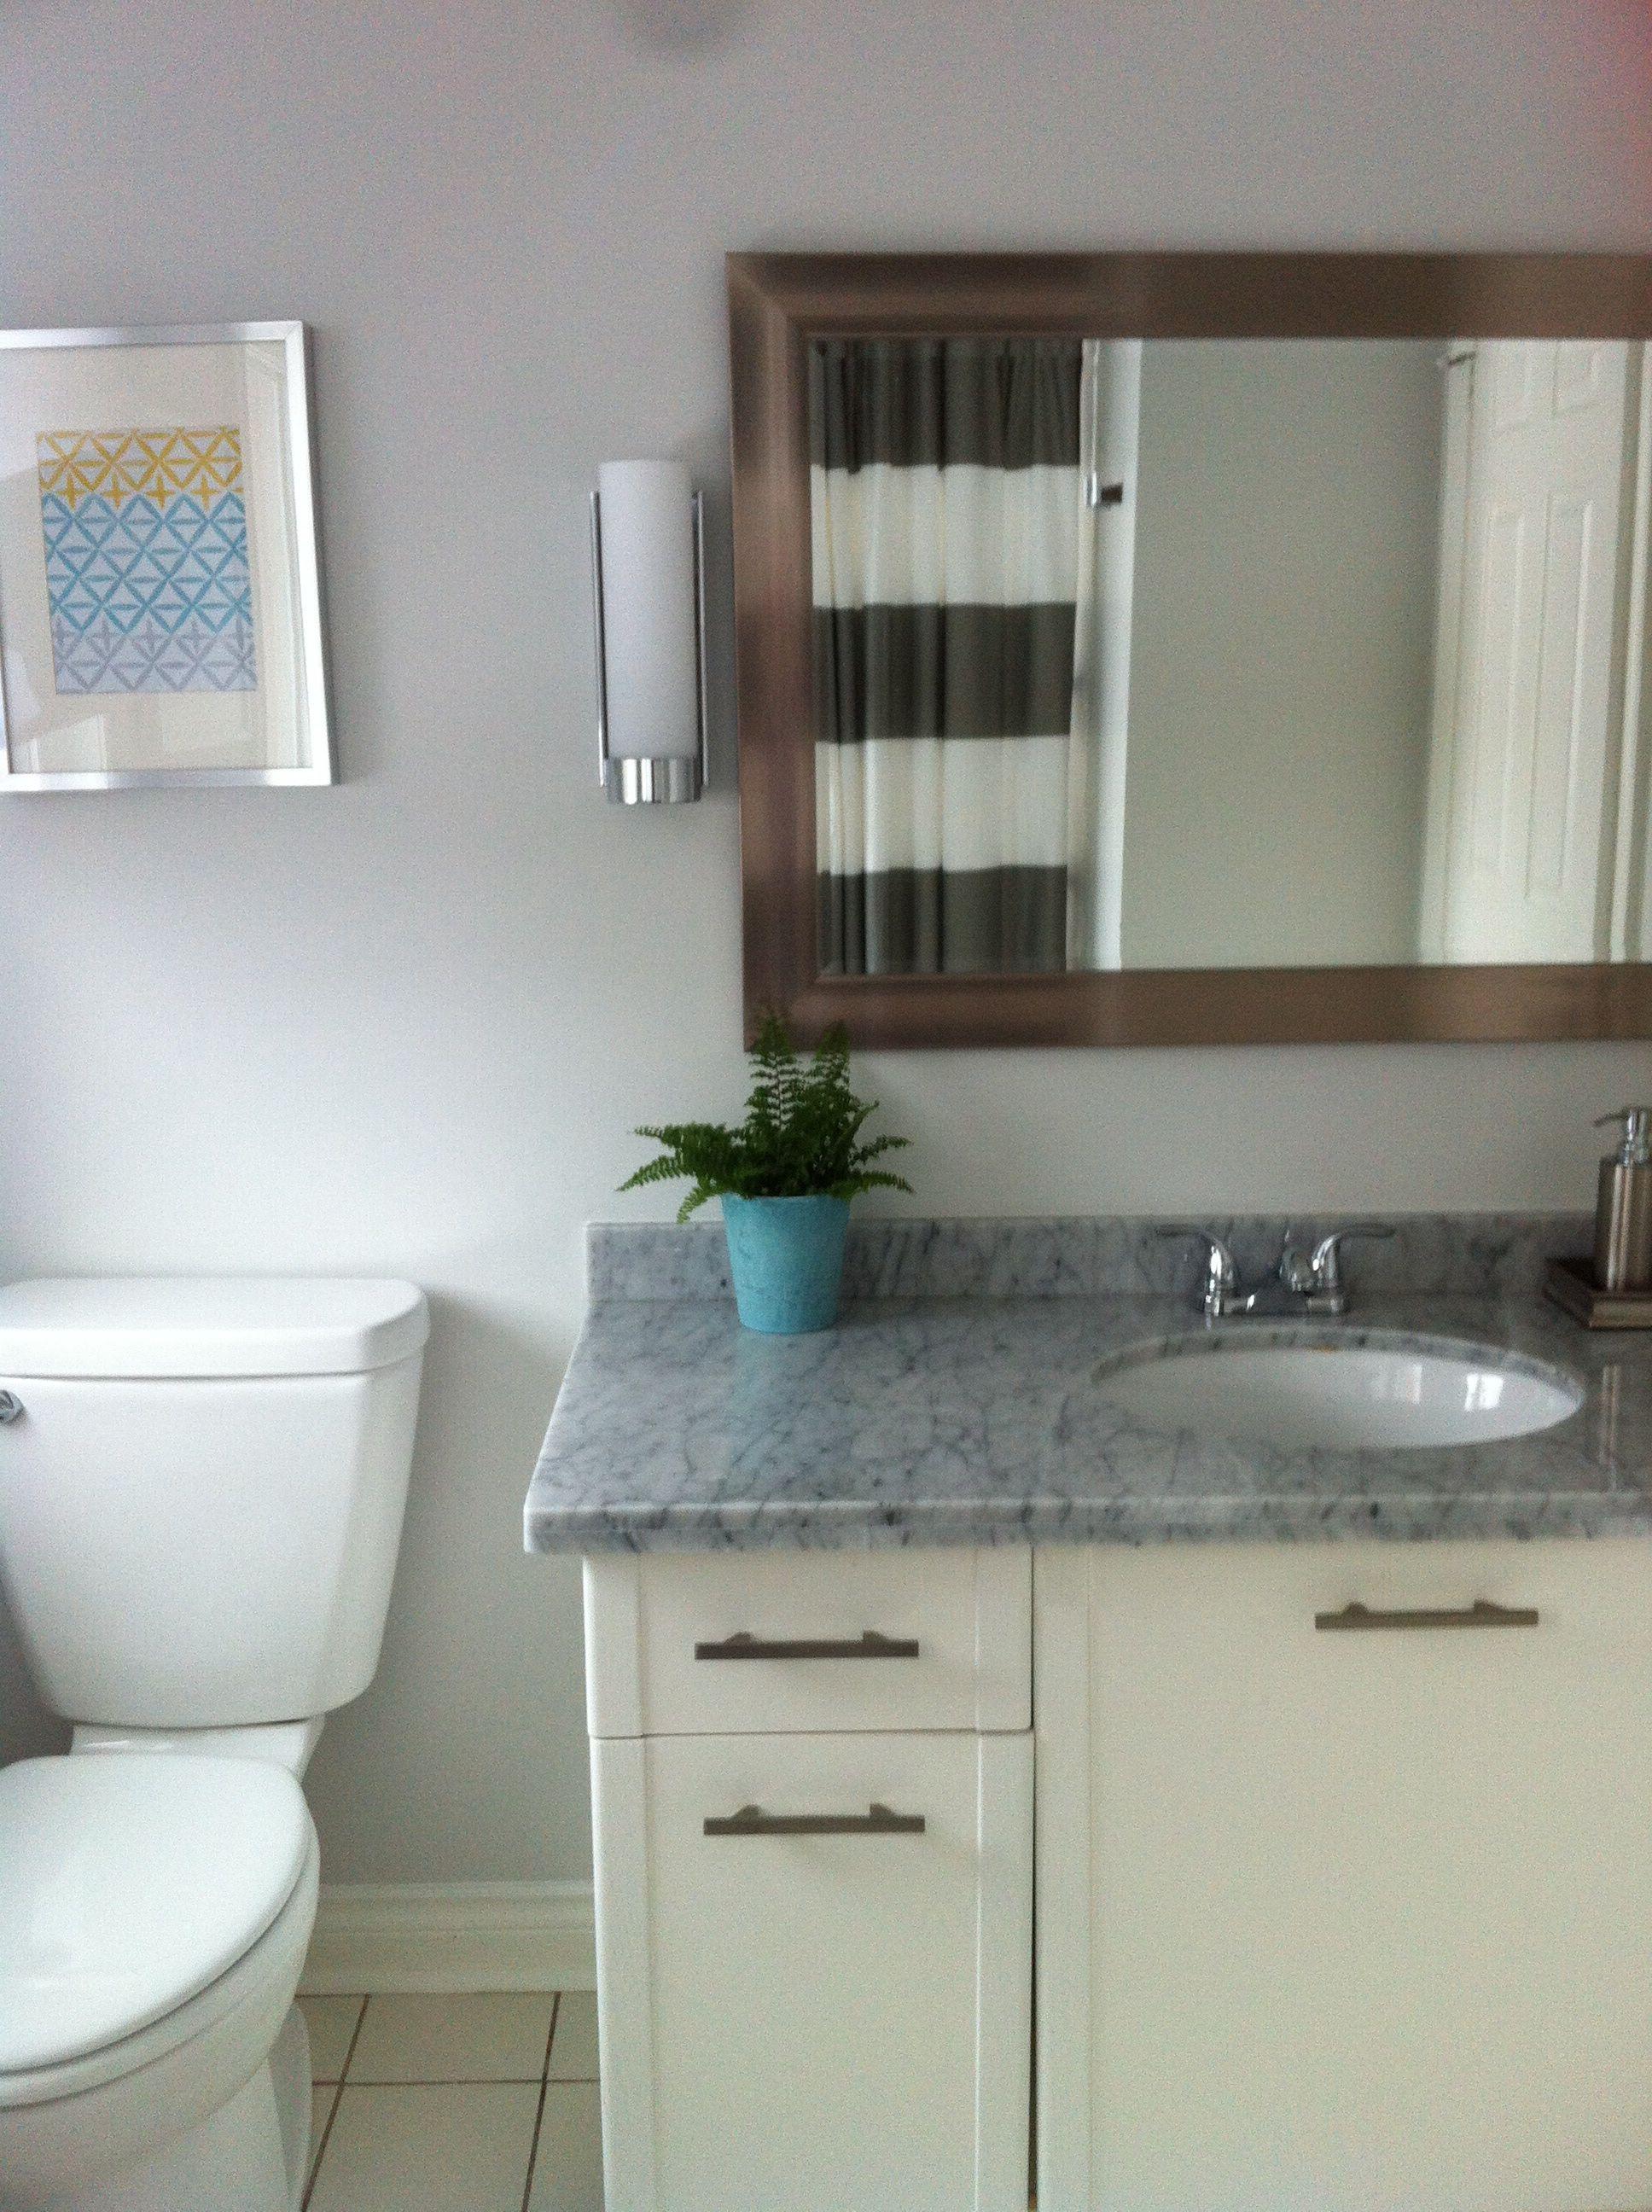 bathroom benjamin moore paper white oc 55 striped shower curtain west elm sconces. Black Bedroom Furniture Sets. Home Design Ideas